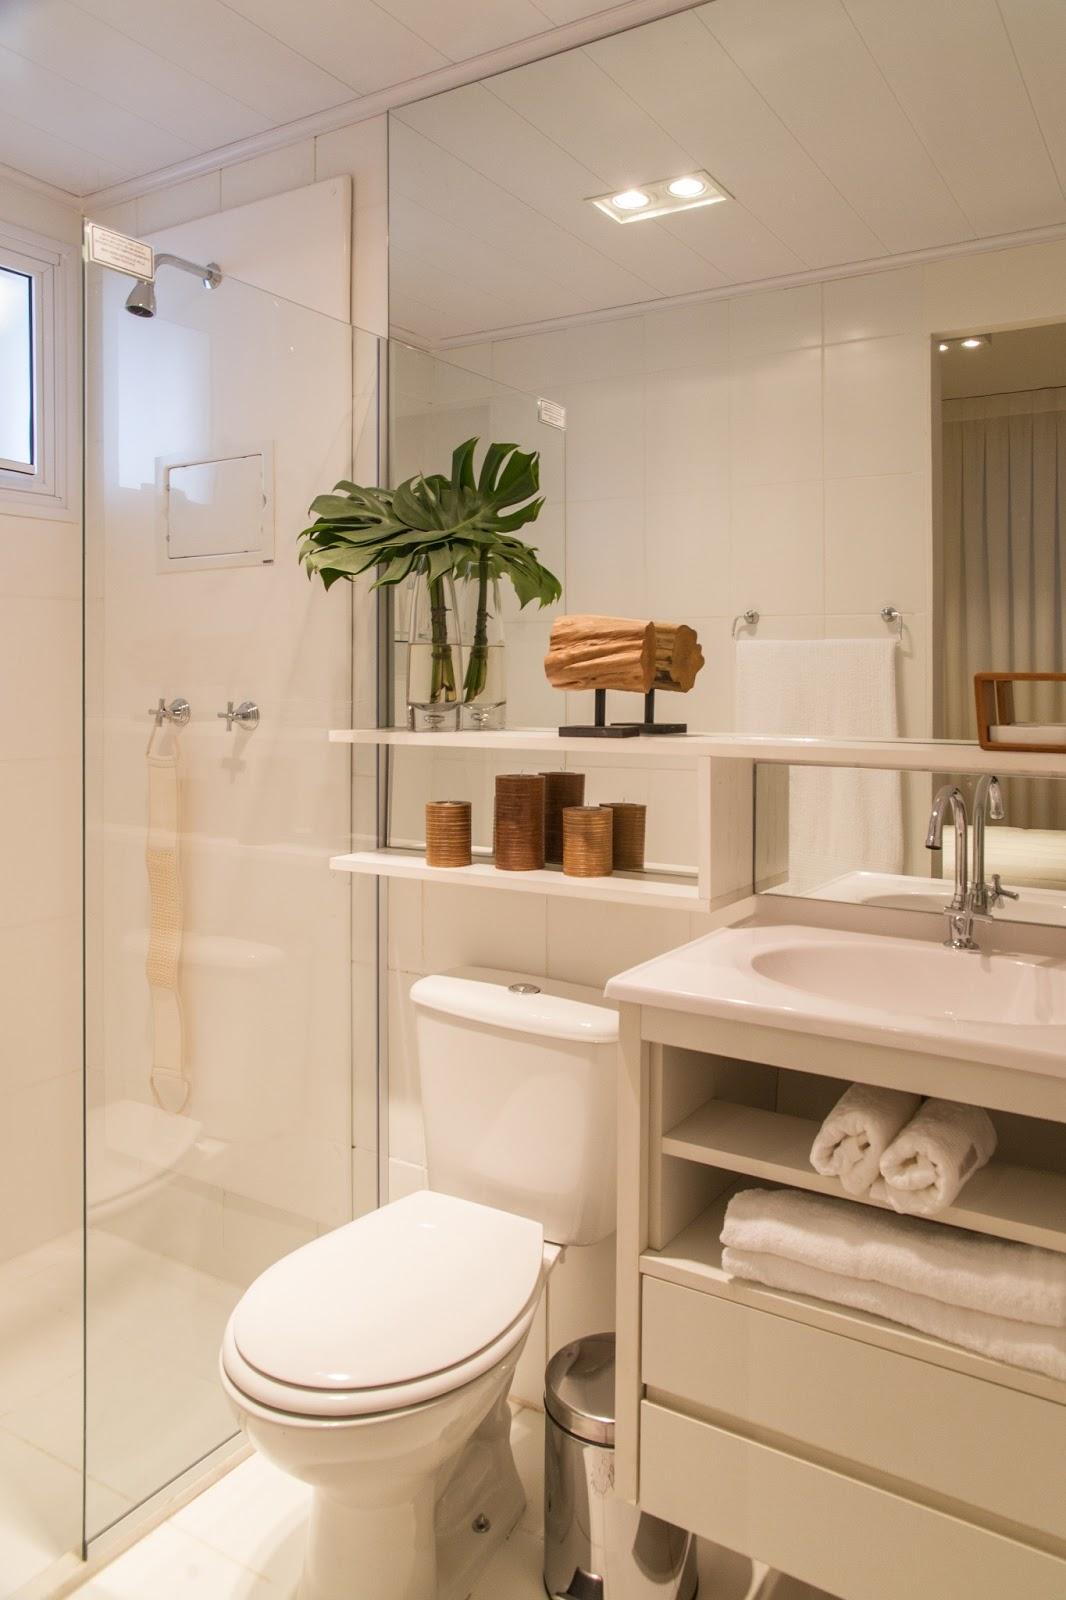 Blog Achados de Decoração  UM ADORÁVEL E PEQUENO APARTAMENTO DECORADO A MAD -> Banheiro Pequeno Lindo